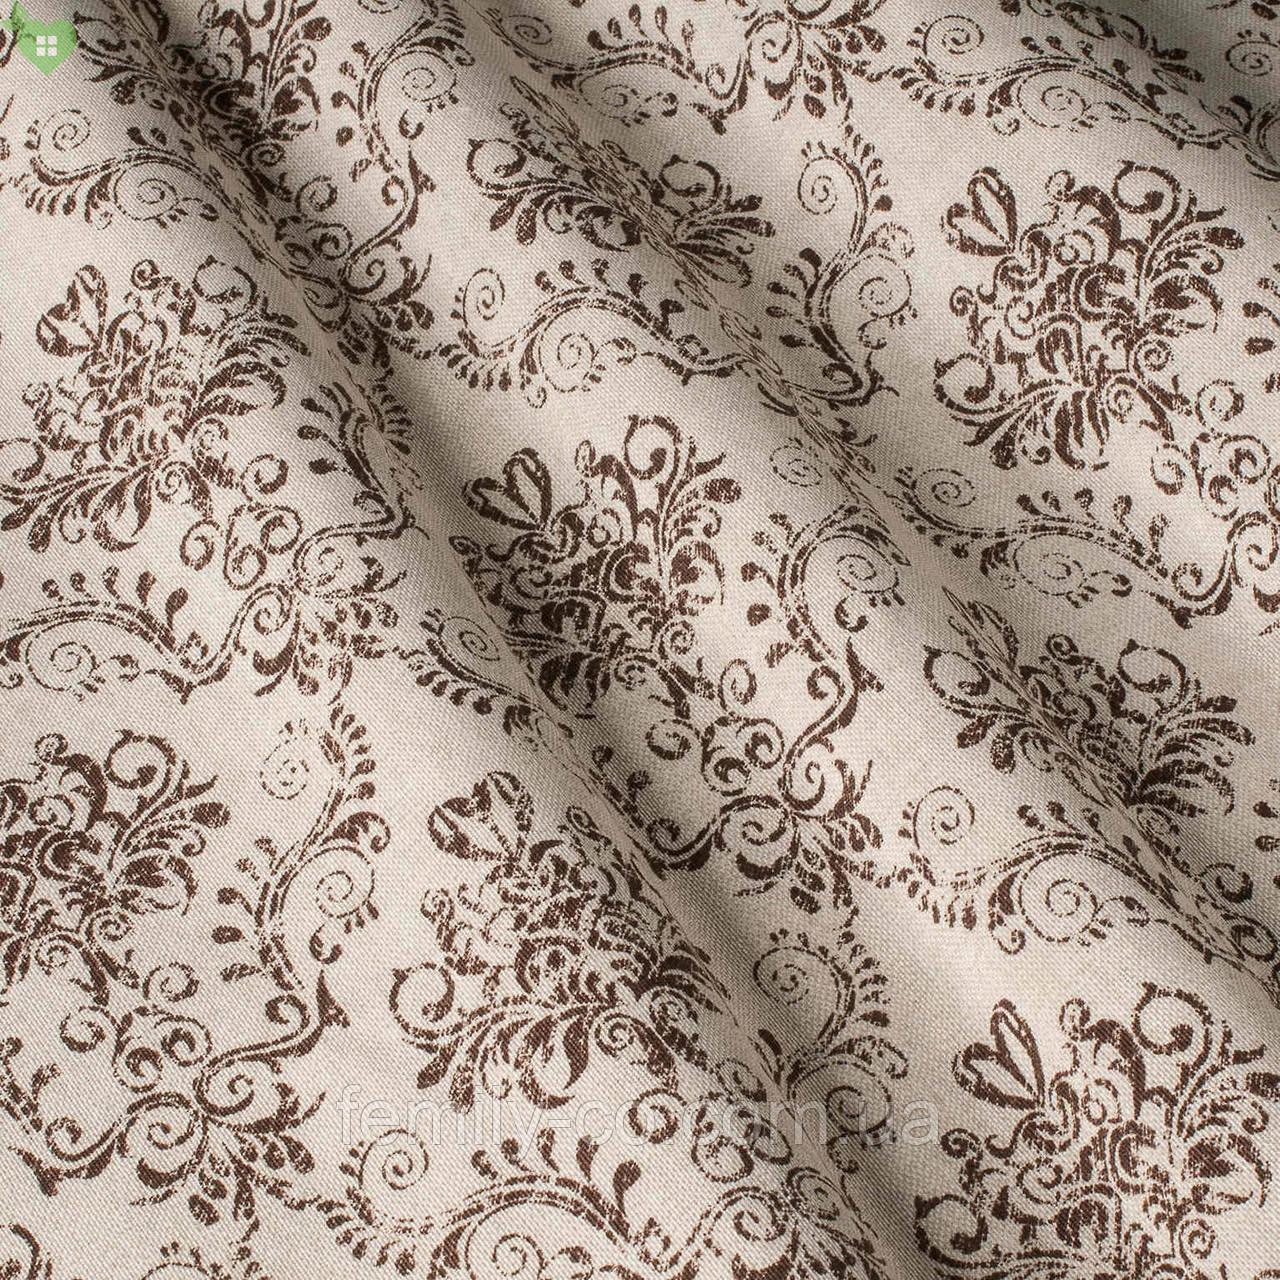 Декоративная ткань с узорами коричневого цвета в виде вензеля на светло-розовом фоне Испания 82692v6